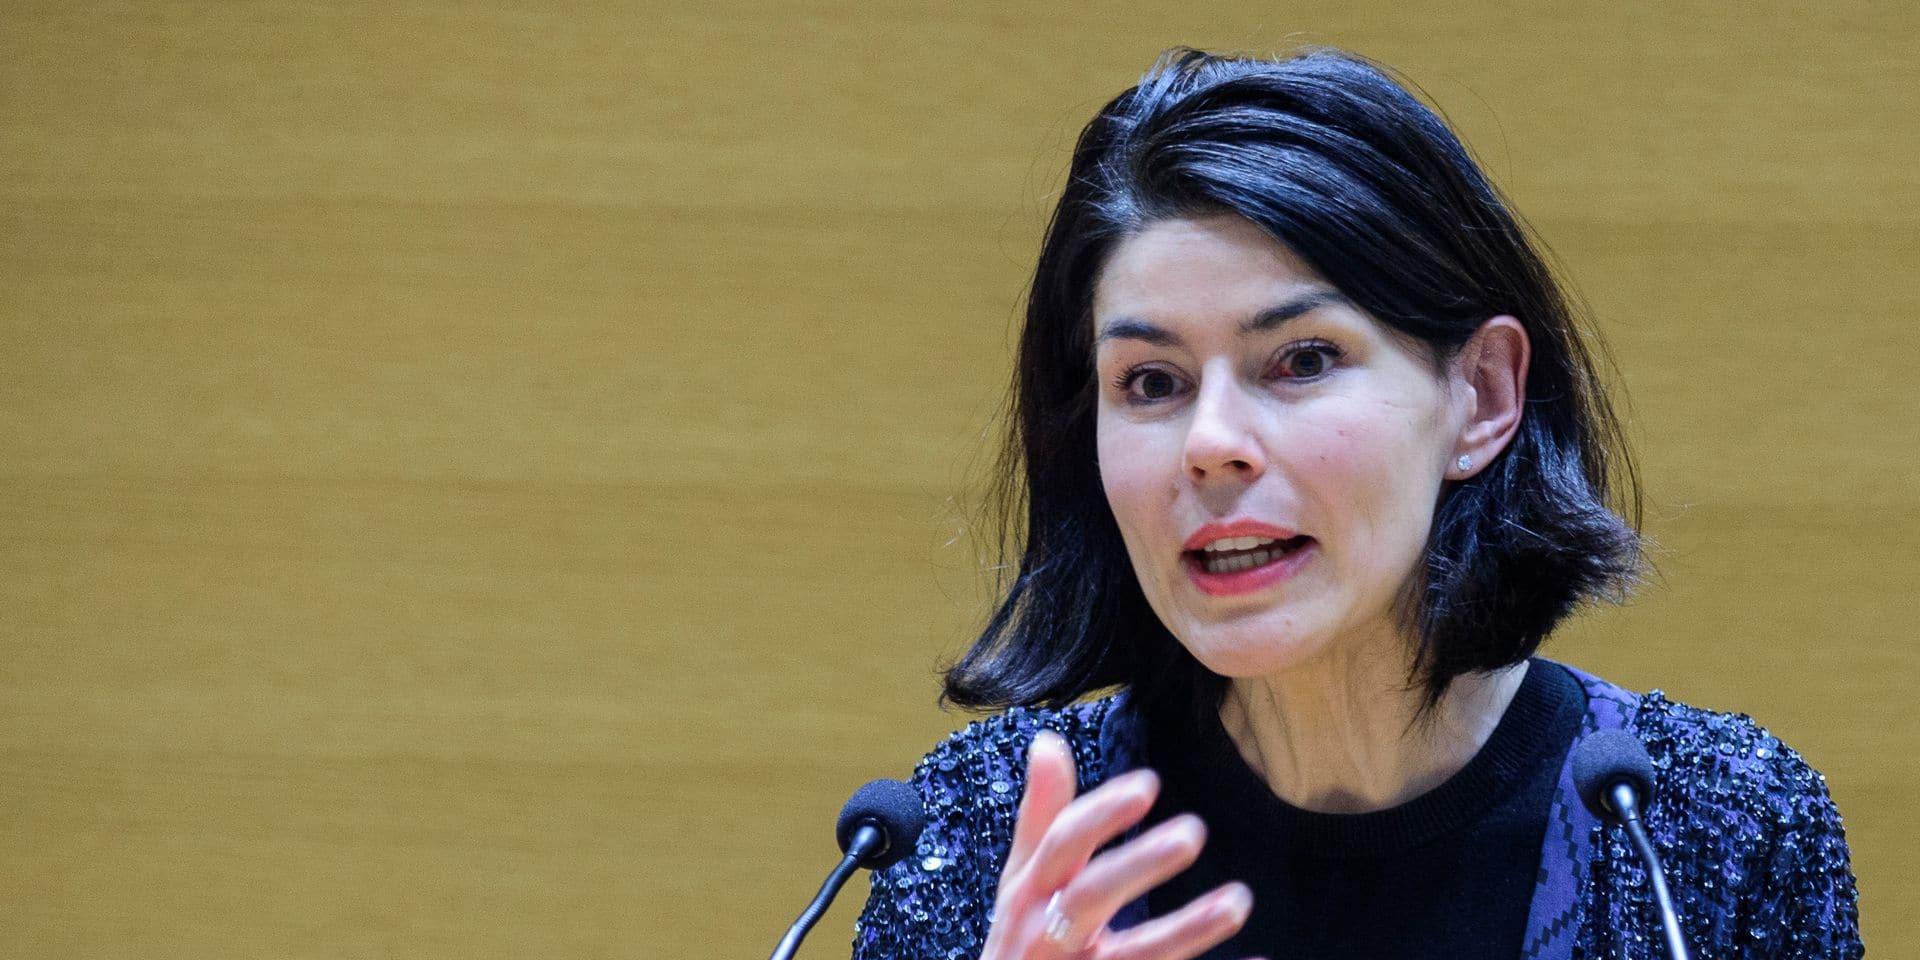 """Valérie Glatigny souhaite une reprise des cours en présentiel au plus tard le 15 mars: """"On sait qu'il y a urgence psychologique et pédagogique"""""""